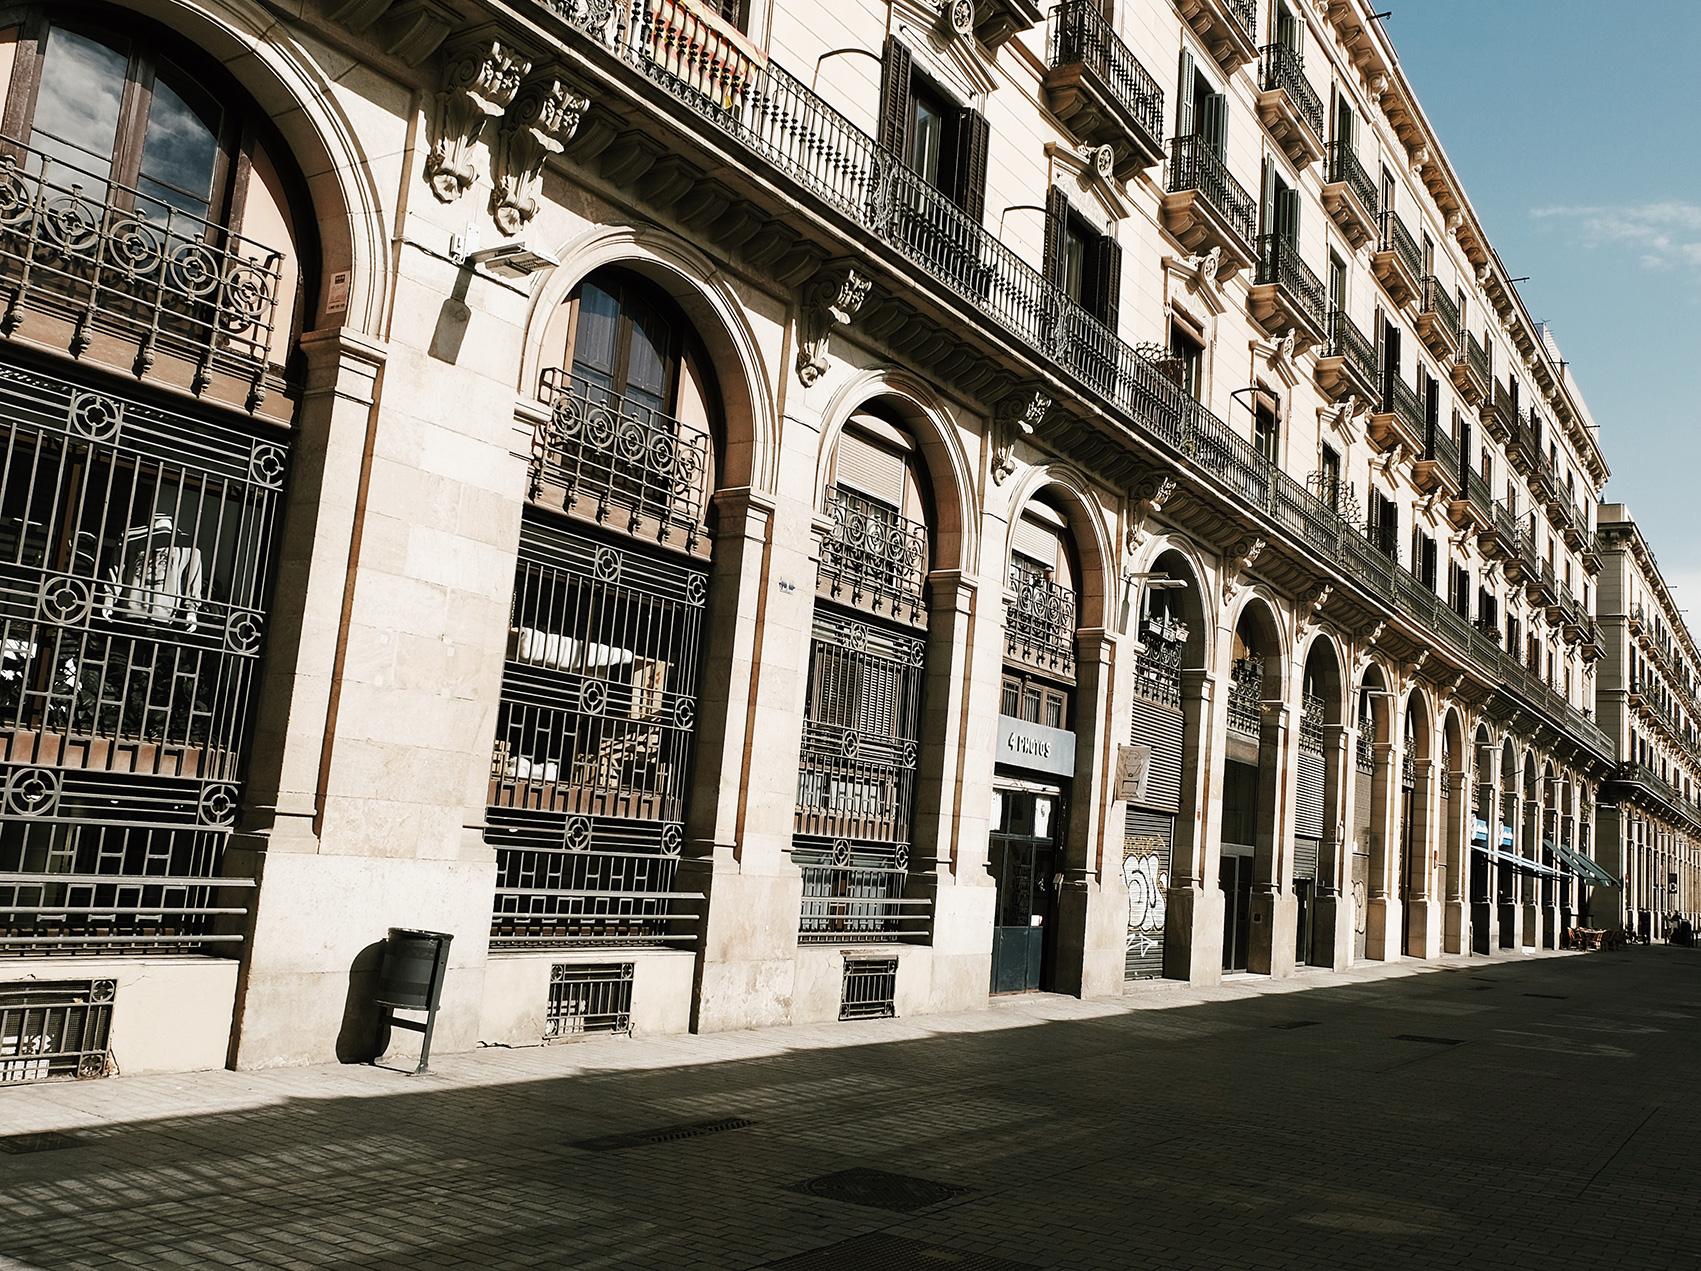 Carnet Sauvage - Blog voyages Barcelone, city trip guide, que visiter : el born, la ciutadella, montjuic, ramblas...